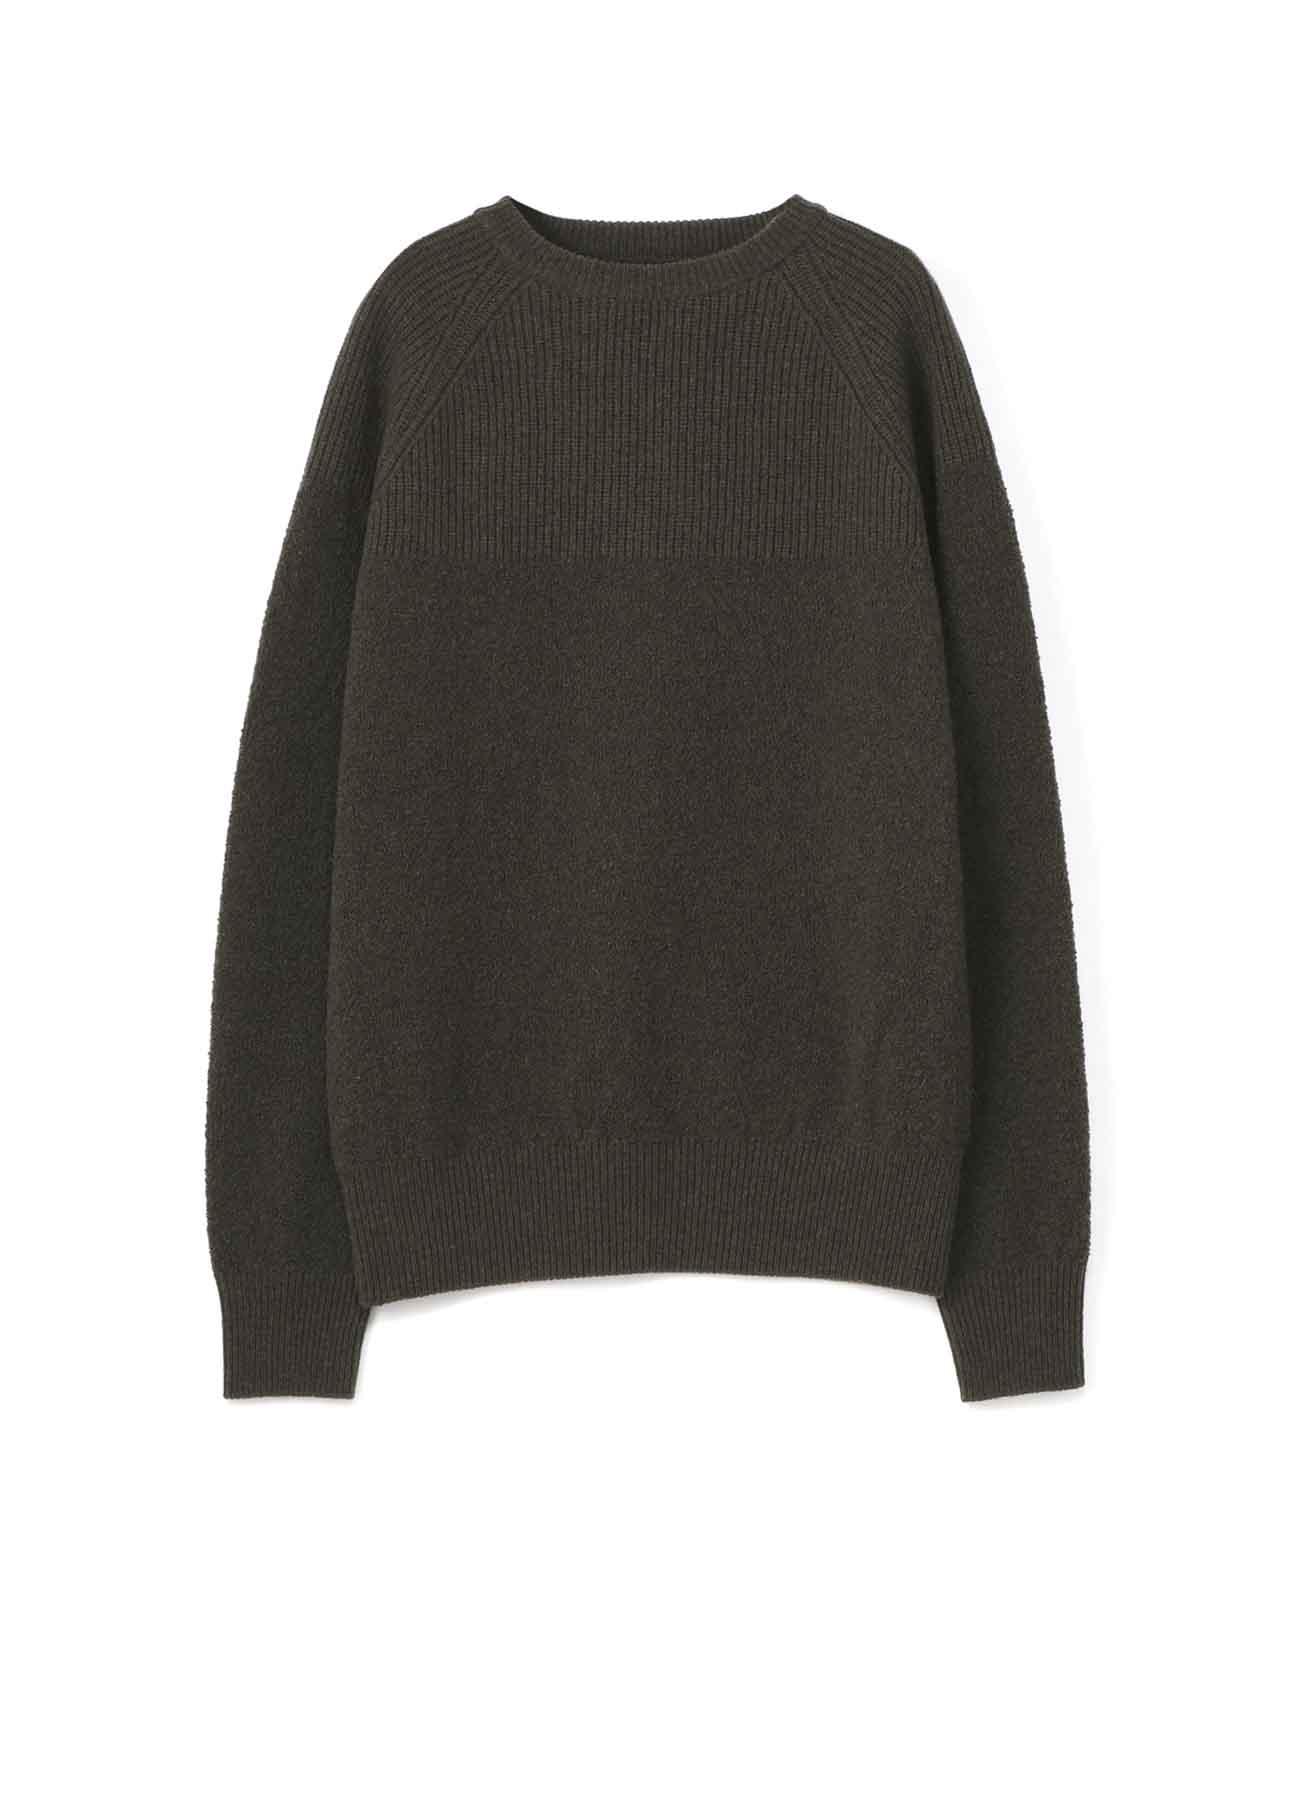 RISMATbyY这款羊毛钩编圆领bouclé改变套头衫